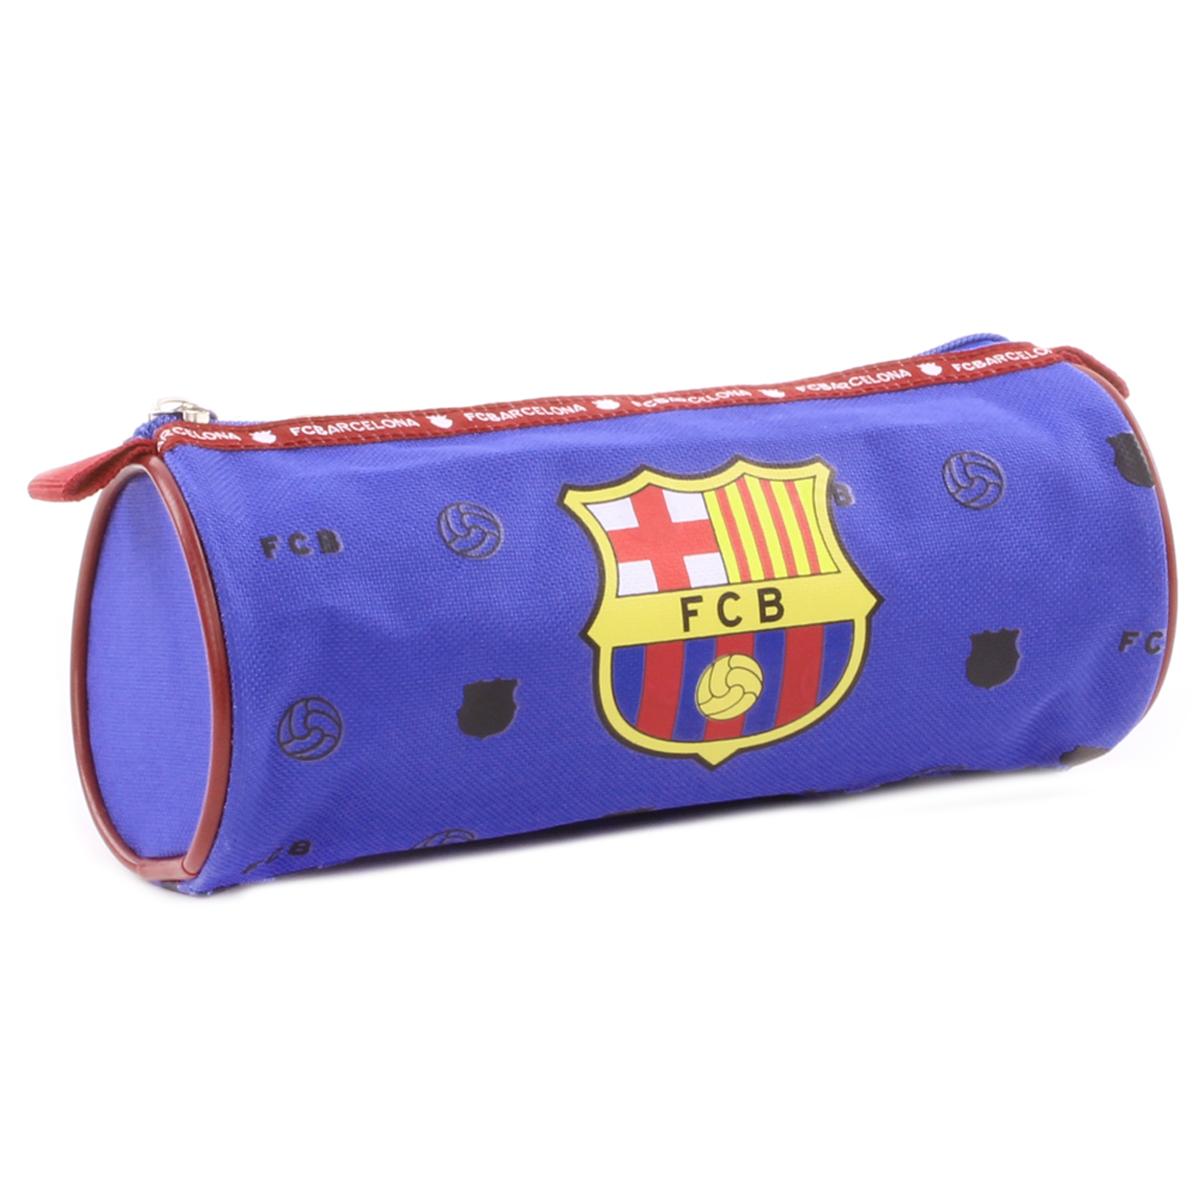 Trousse tube \'FC Barcelona\' bleu rouge - 20x8 cm - [Q1928]